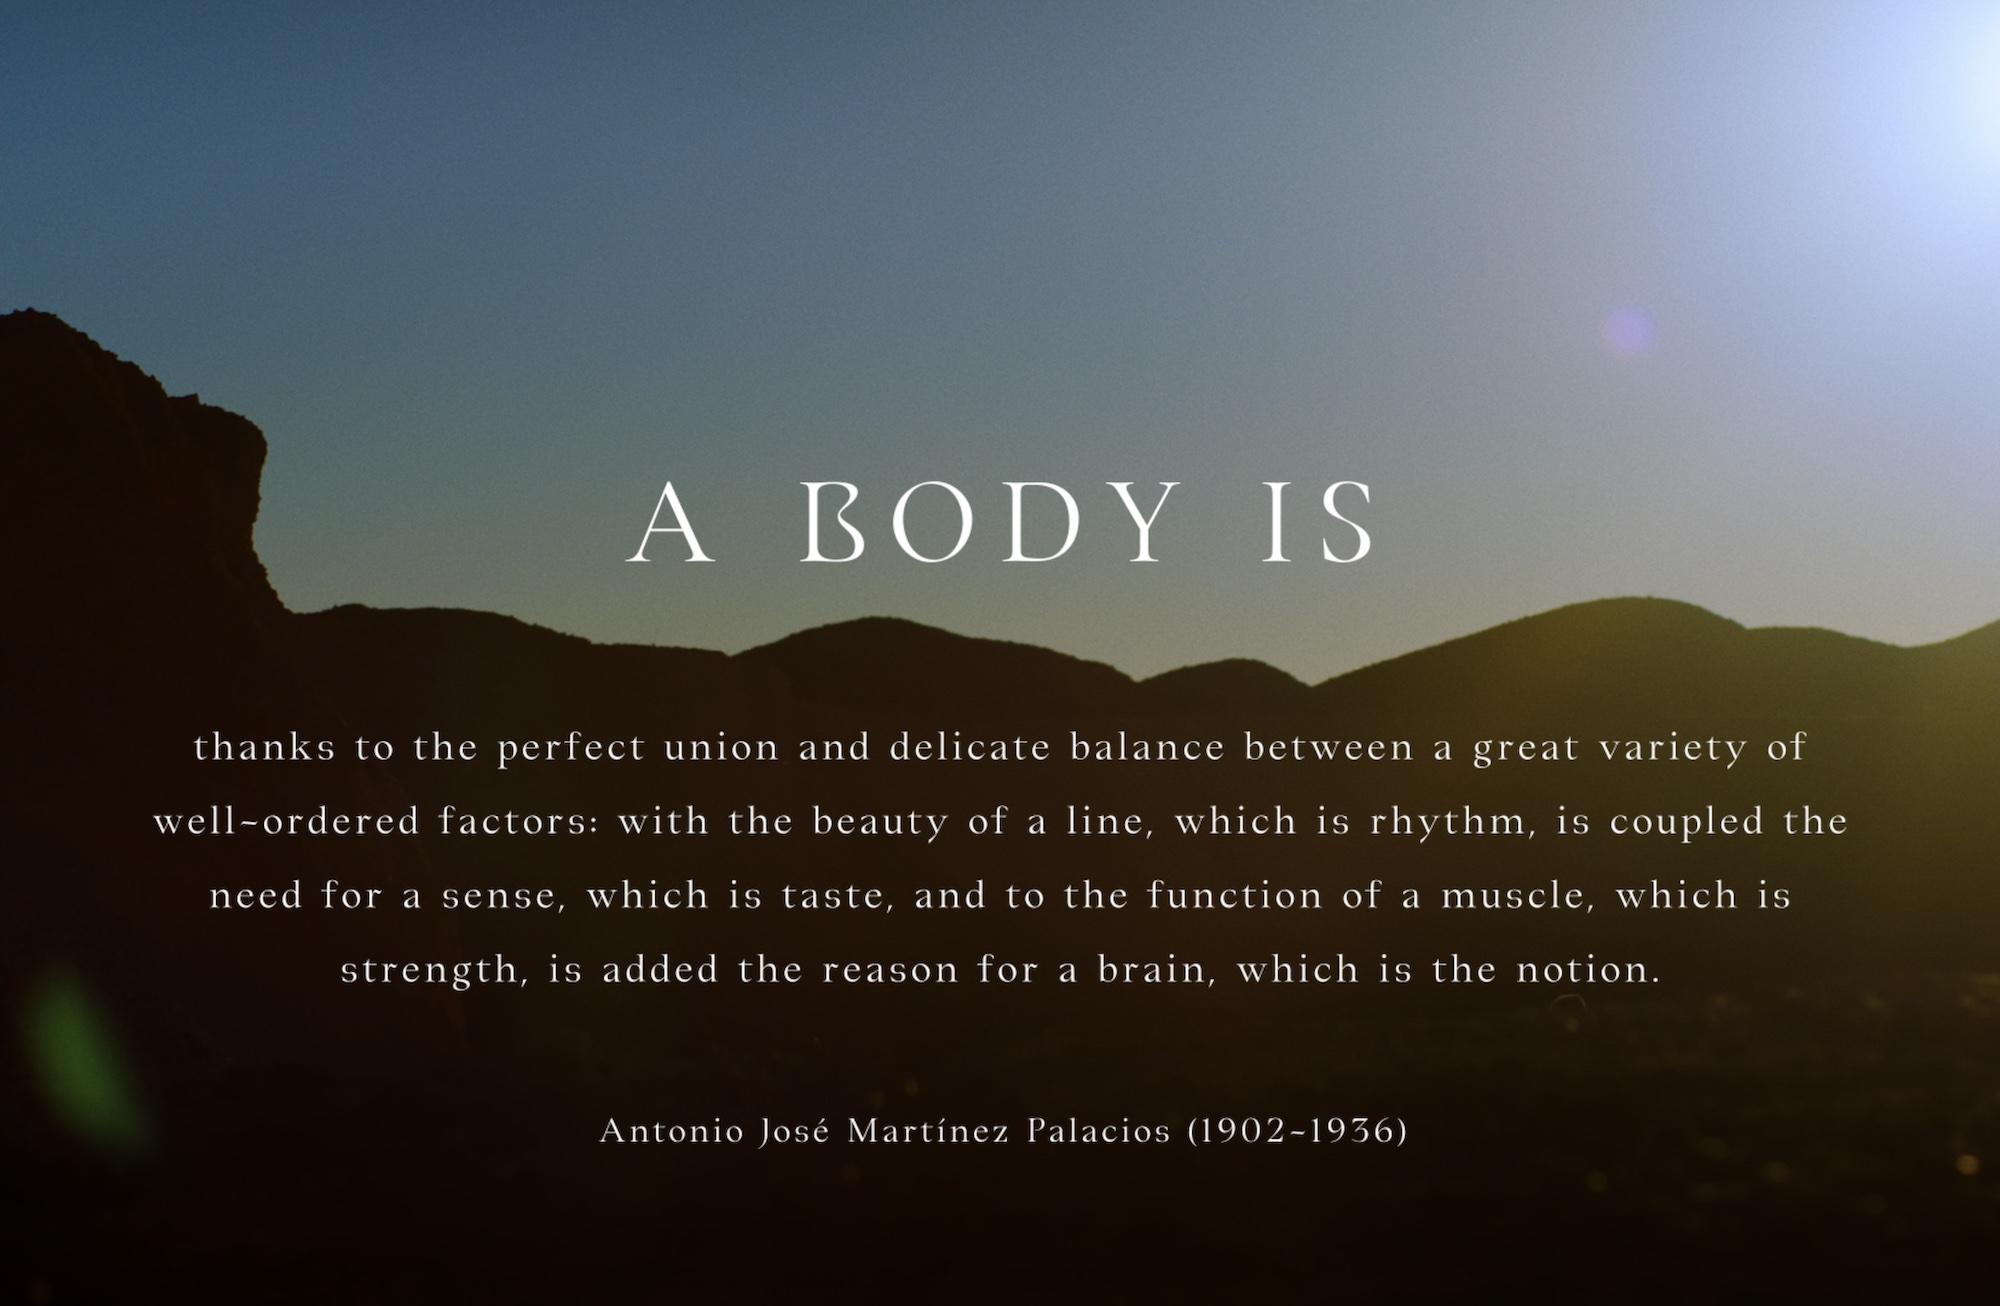 A Body Is